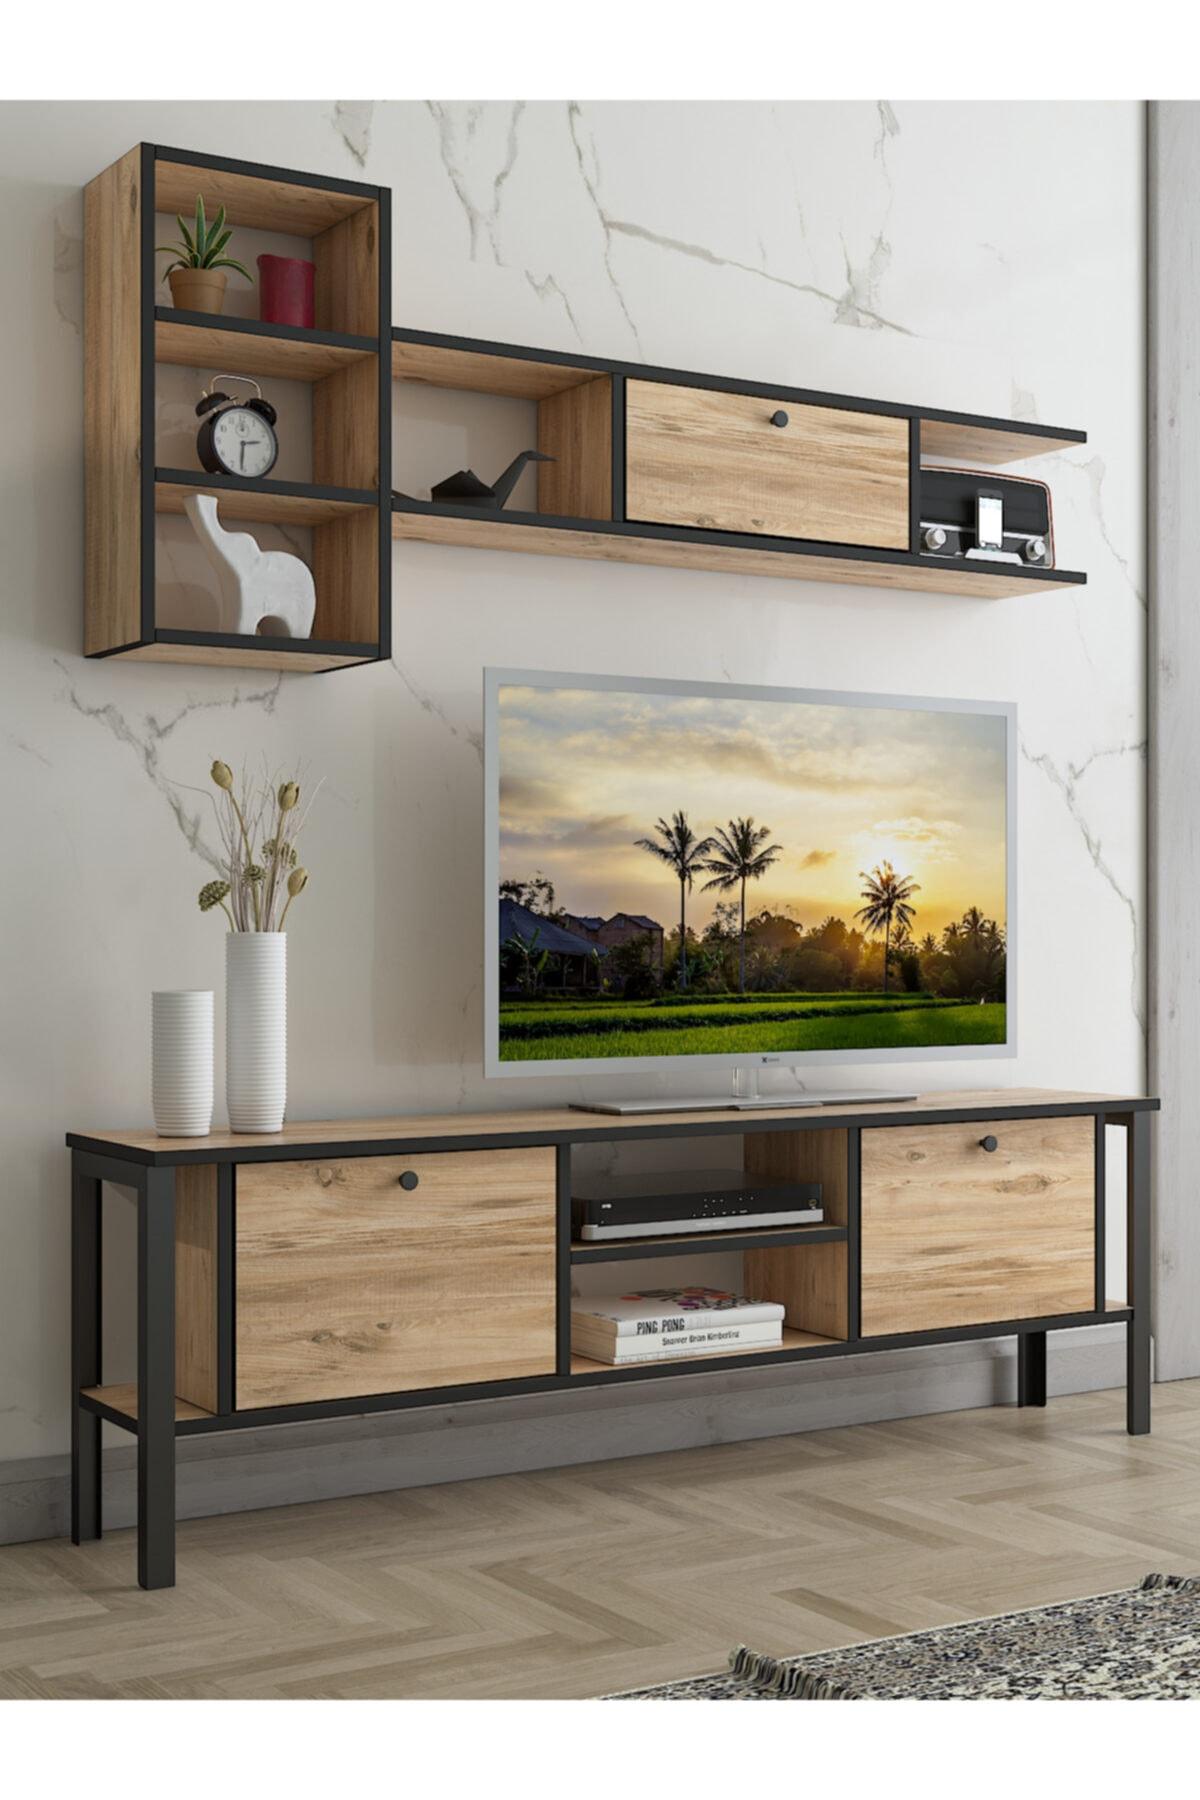 Wood'n Love Enta Duvar Raflı Kitaplıklı Metal Ayaklı Tv Ünitesi - Atlantik Çam / Siyah